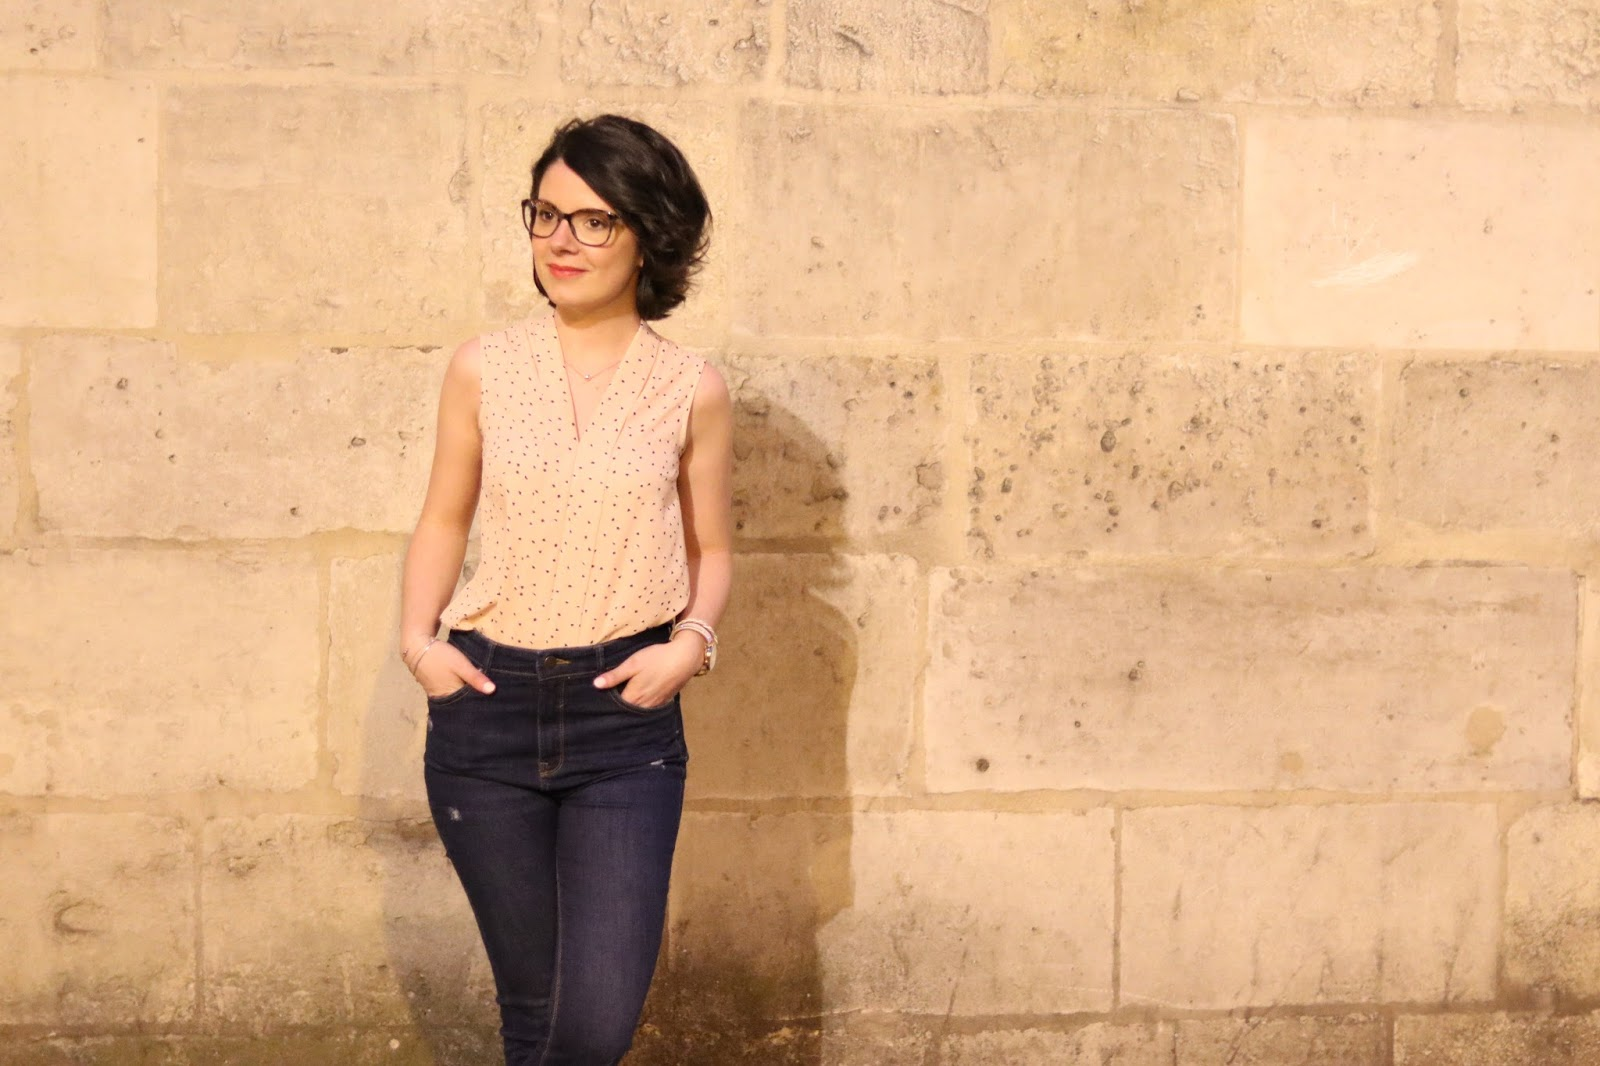 look femme mode paris la nuit rue parisienne zara primark pull&bear jean taille haute rose les gommettes de melo gommette blog